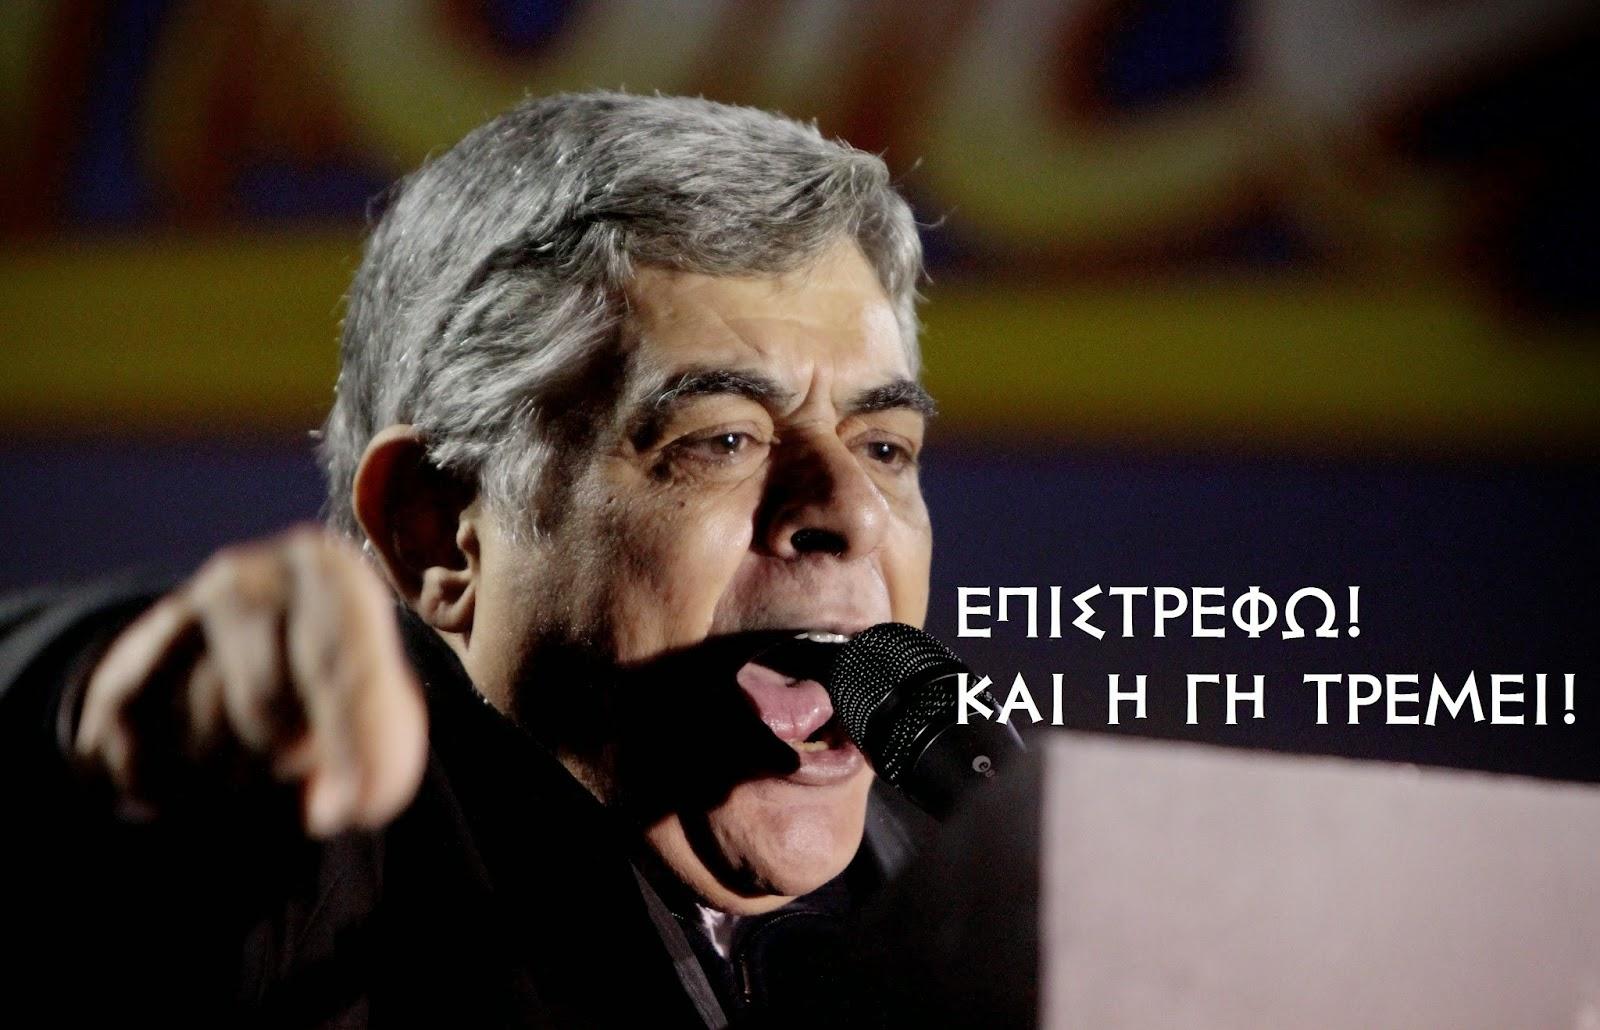 Μετά το σκοτάδι, το φως! Η Ελλάδα θα νικήσει - ΒΙΝΤΕΟ